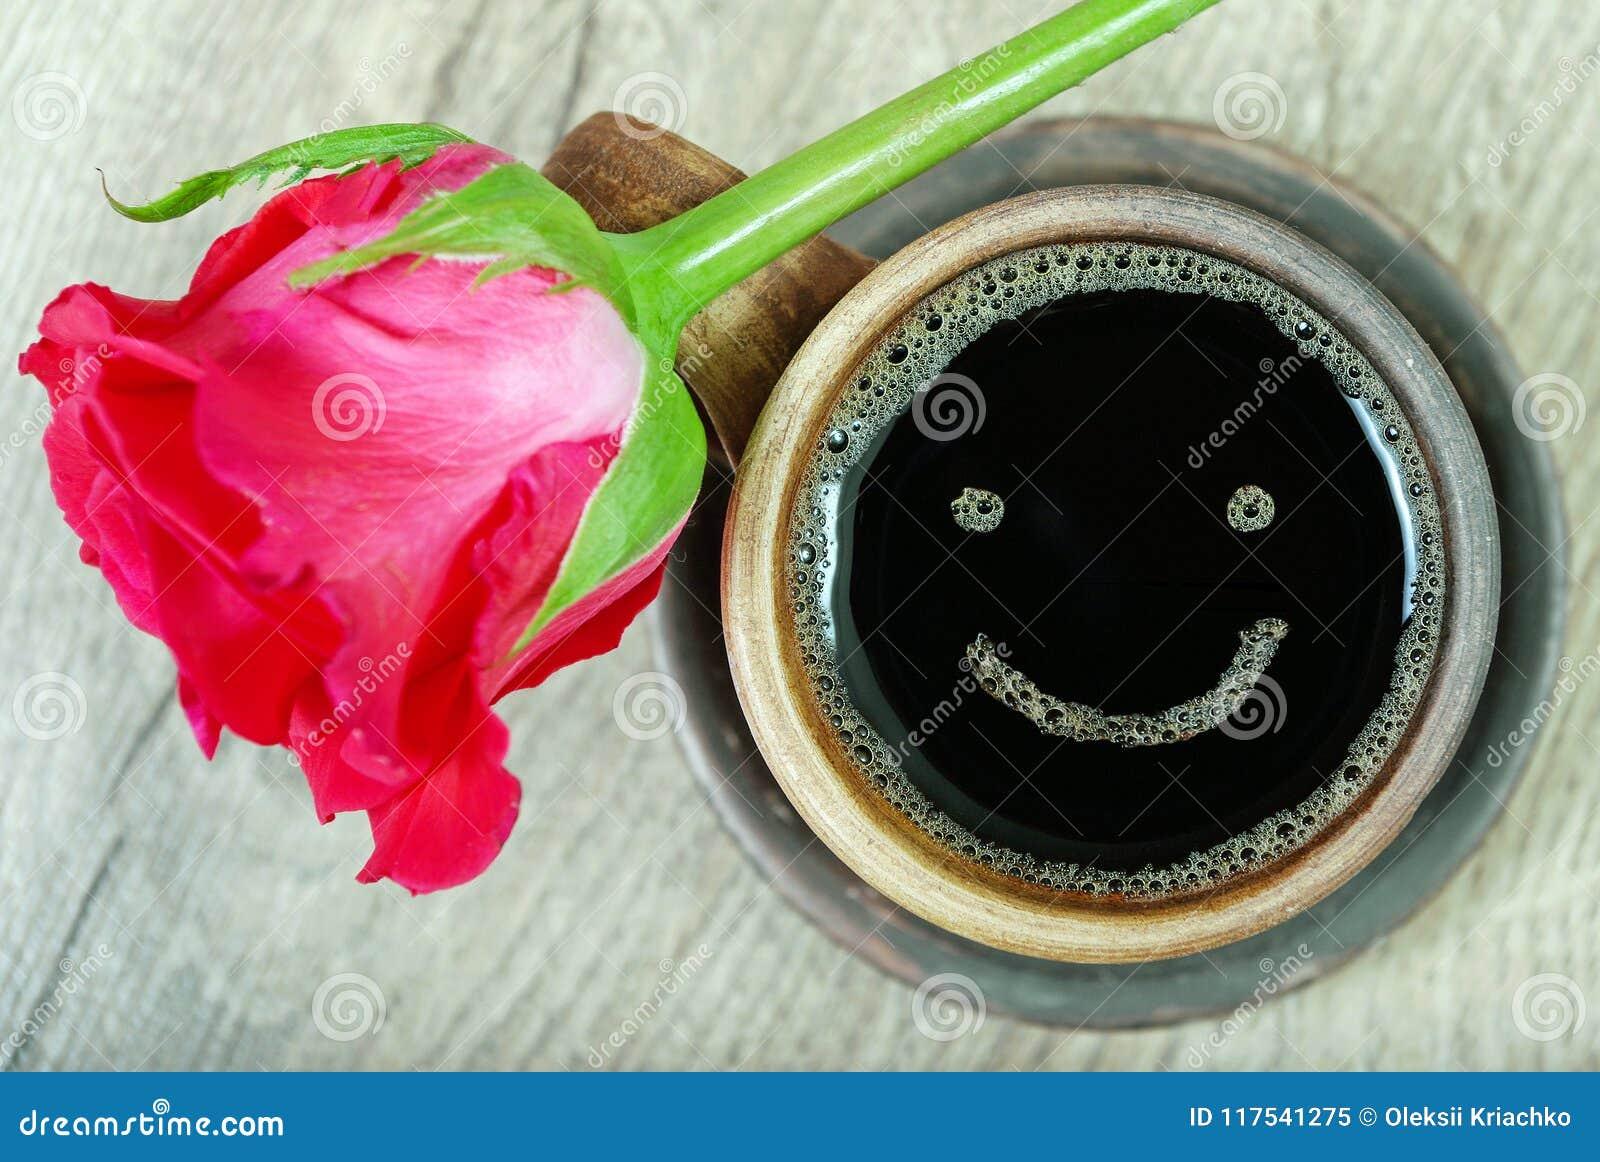 Buenos días una taza de café y de una rosa roja en una tabla de madera sonrisa de un día feliz